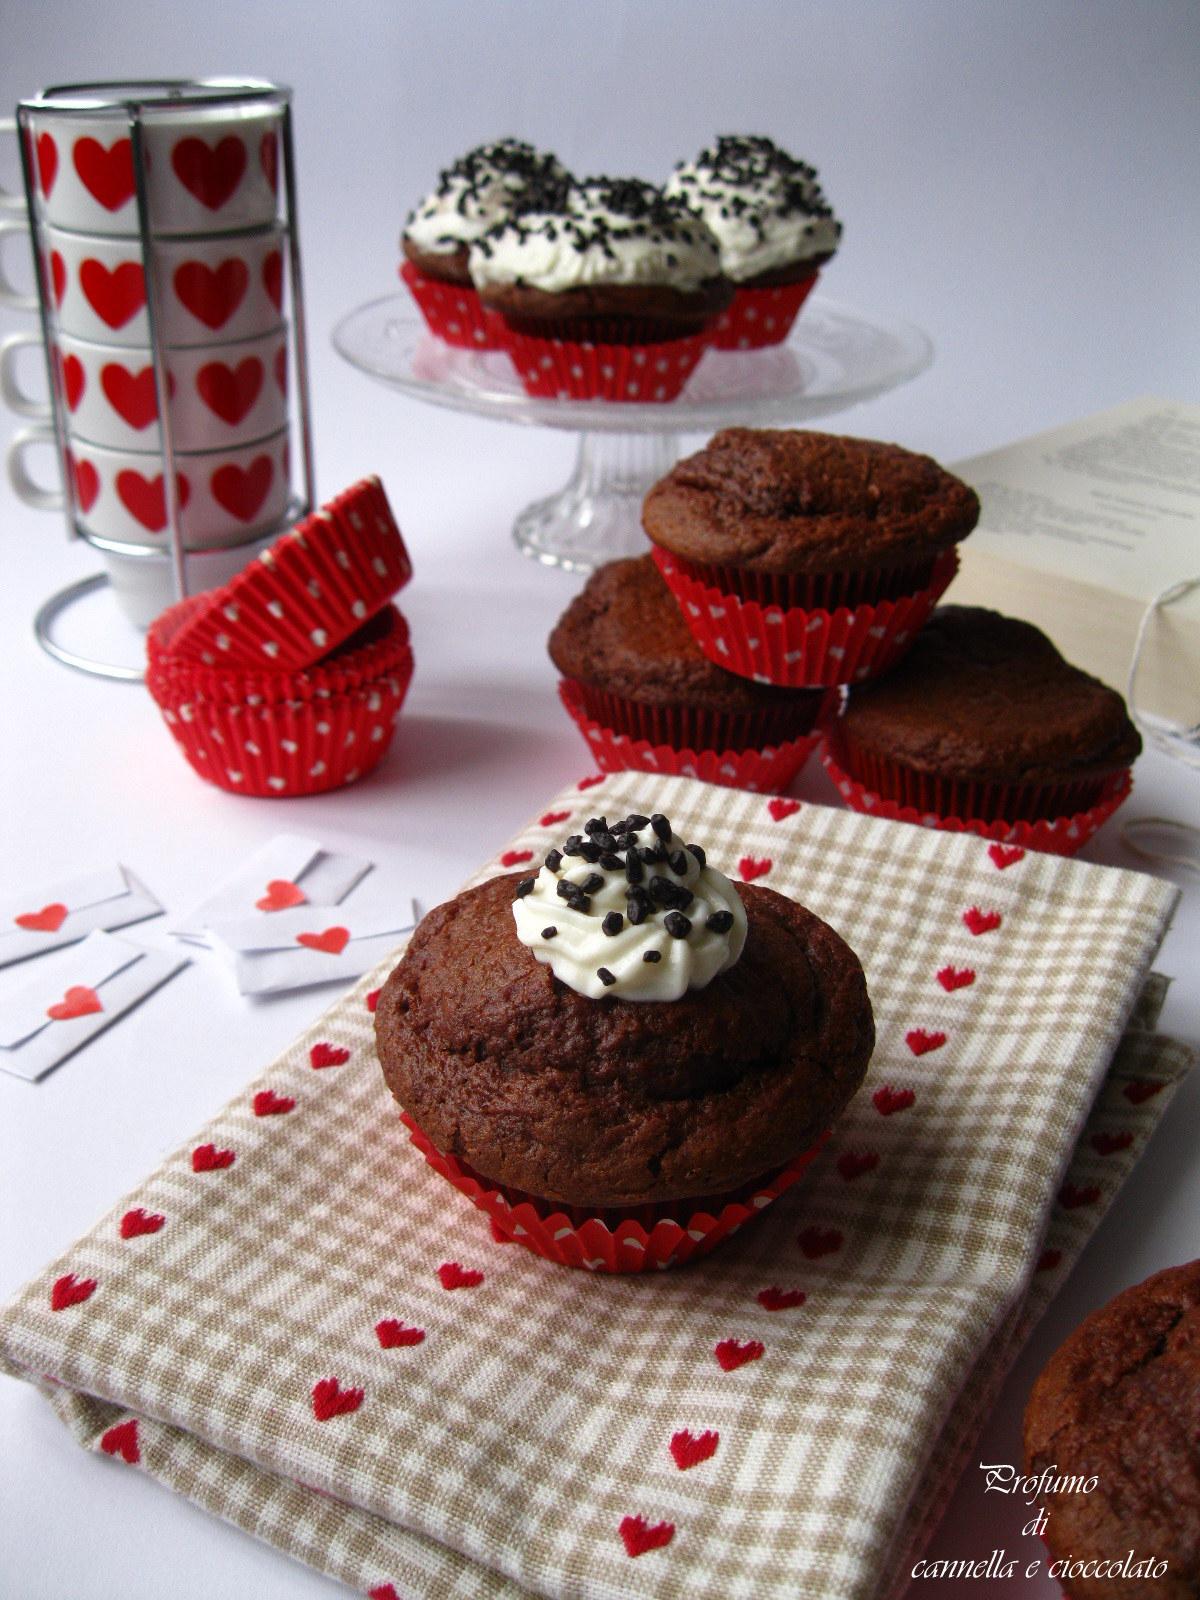 Cupcake alla rapa rossa con crema alla ricotta e nutella (3)